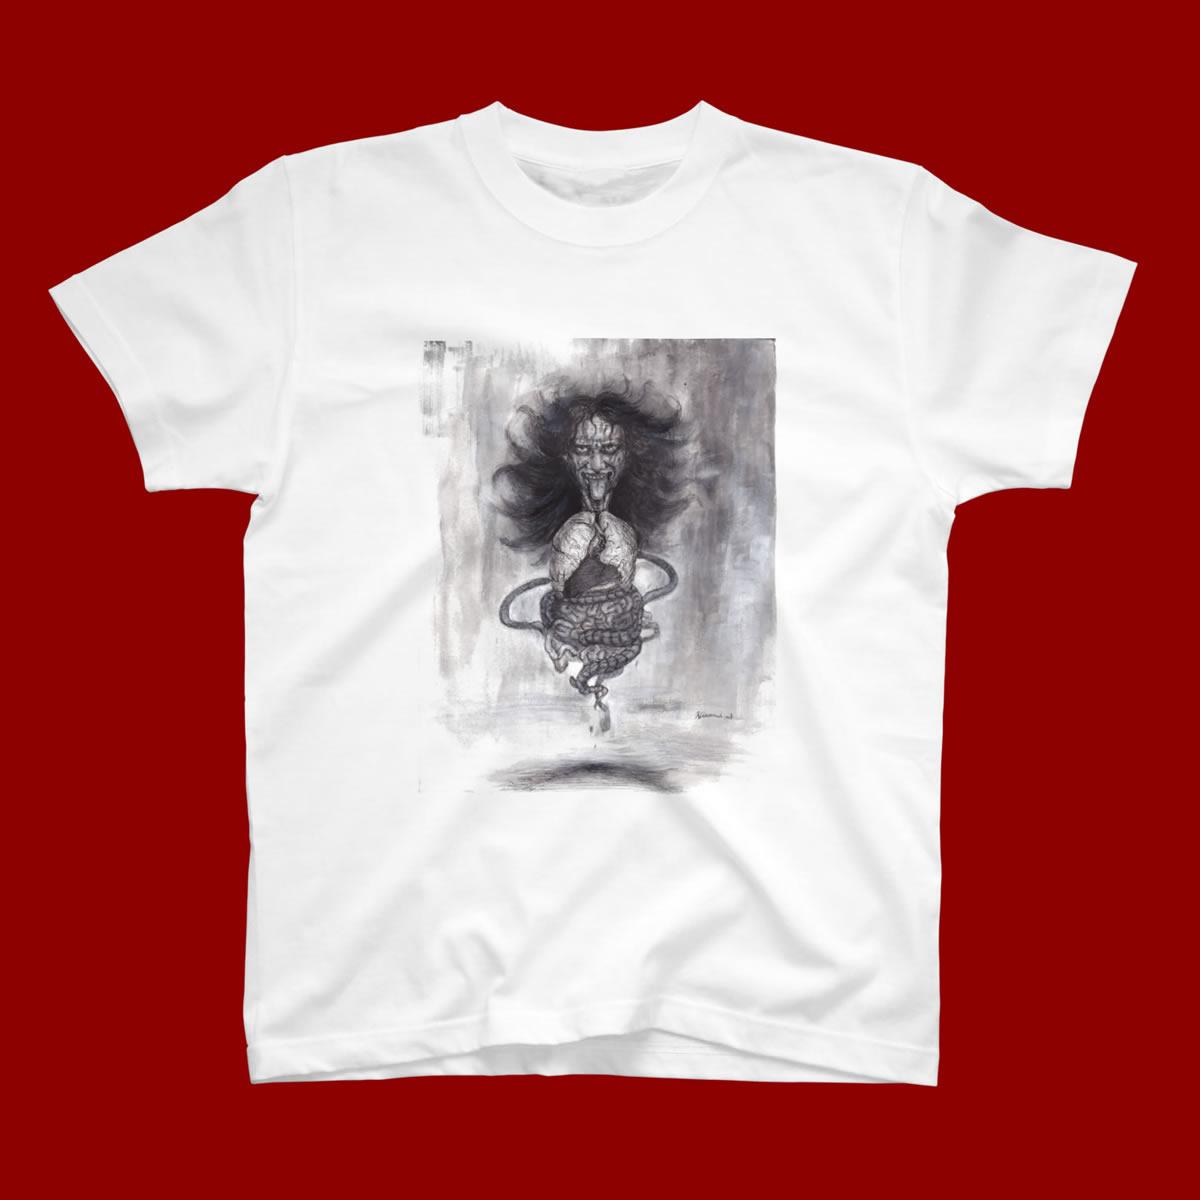 ピーガスー – ผีกระสือ Tシャツ